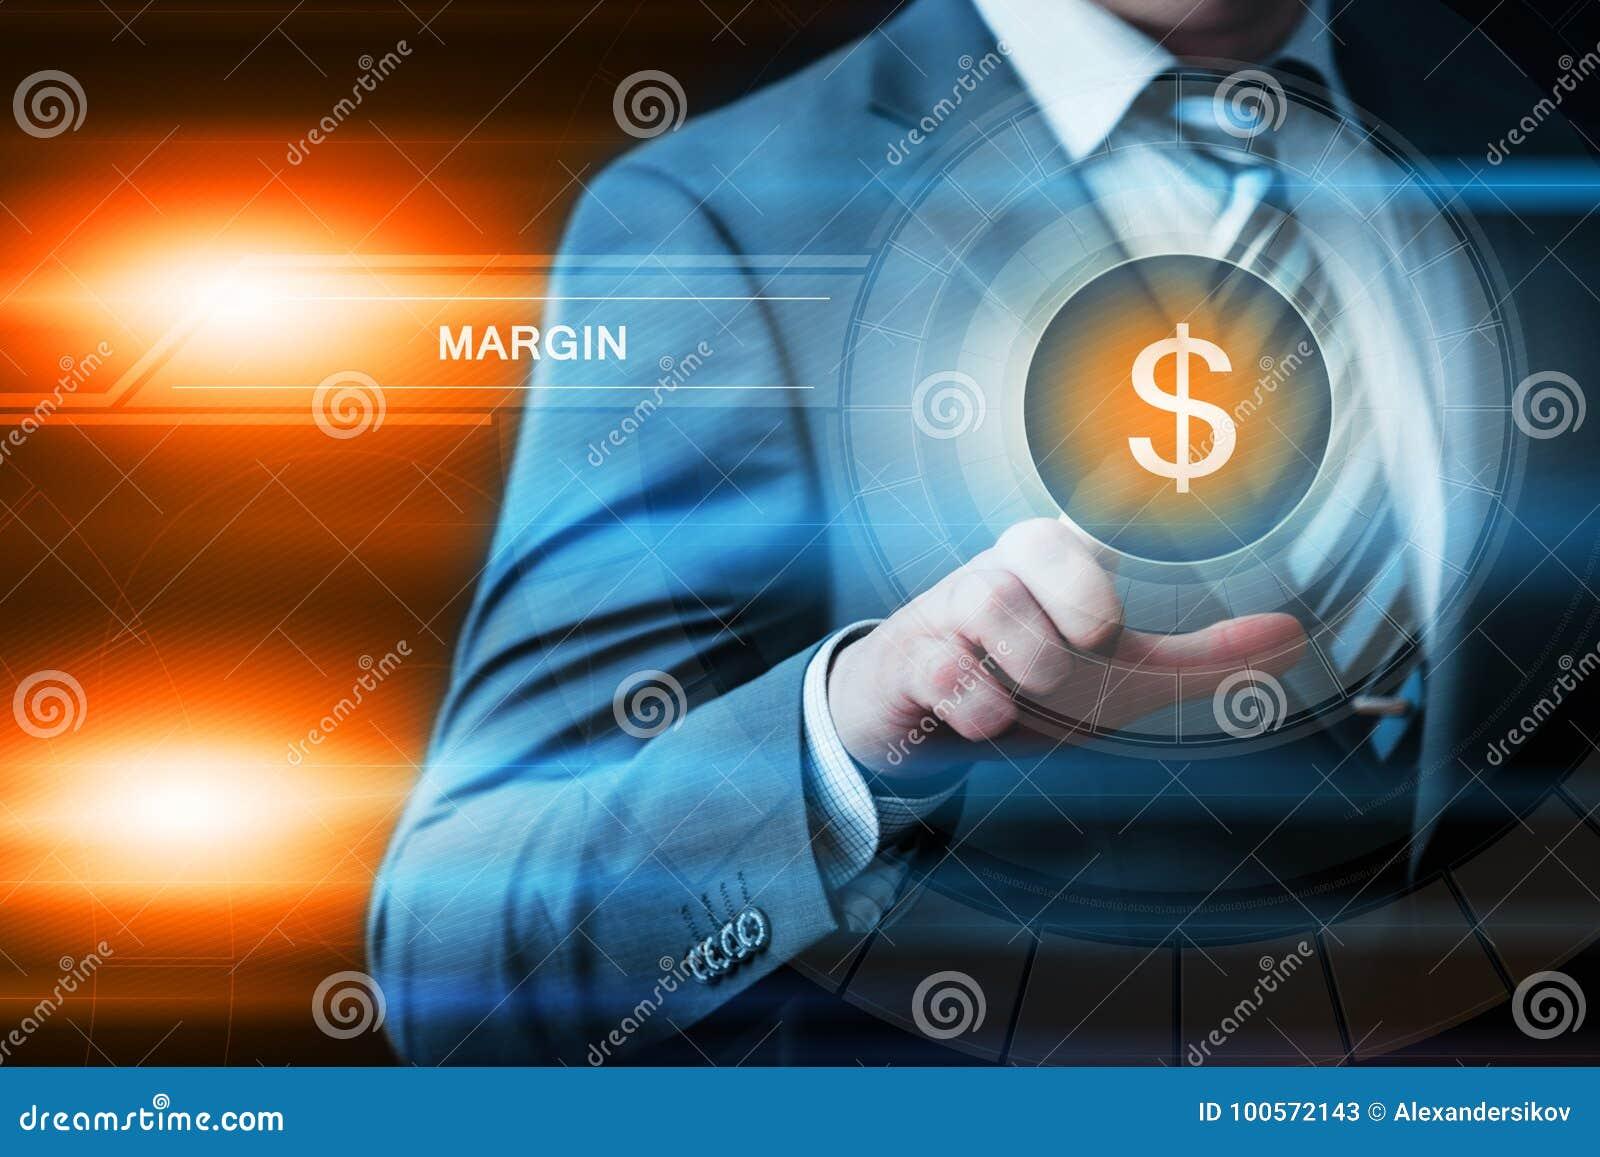 Concetto di Internet di tecnologia di affari di finanza del reddito del margine